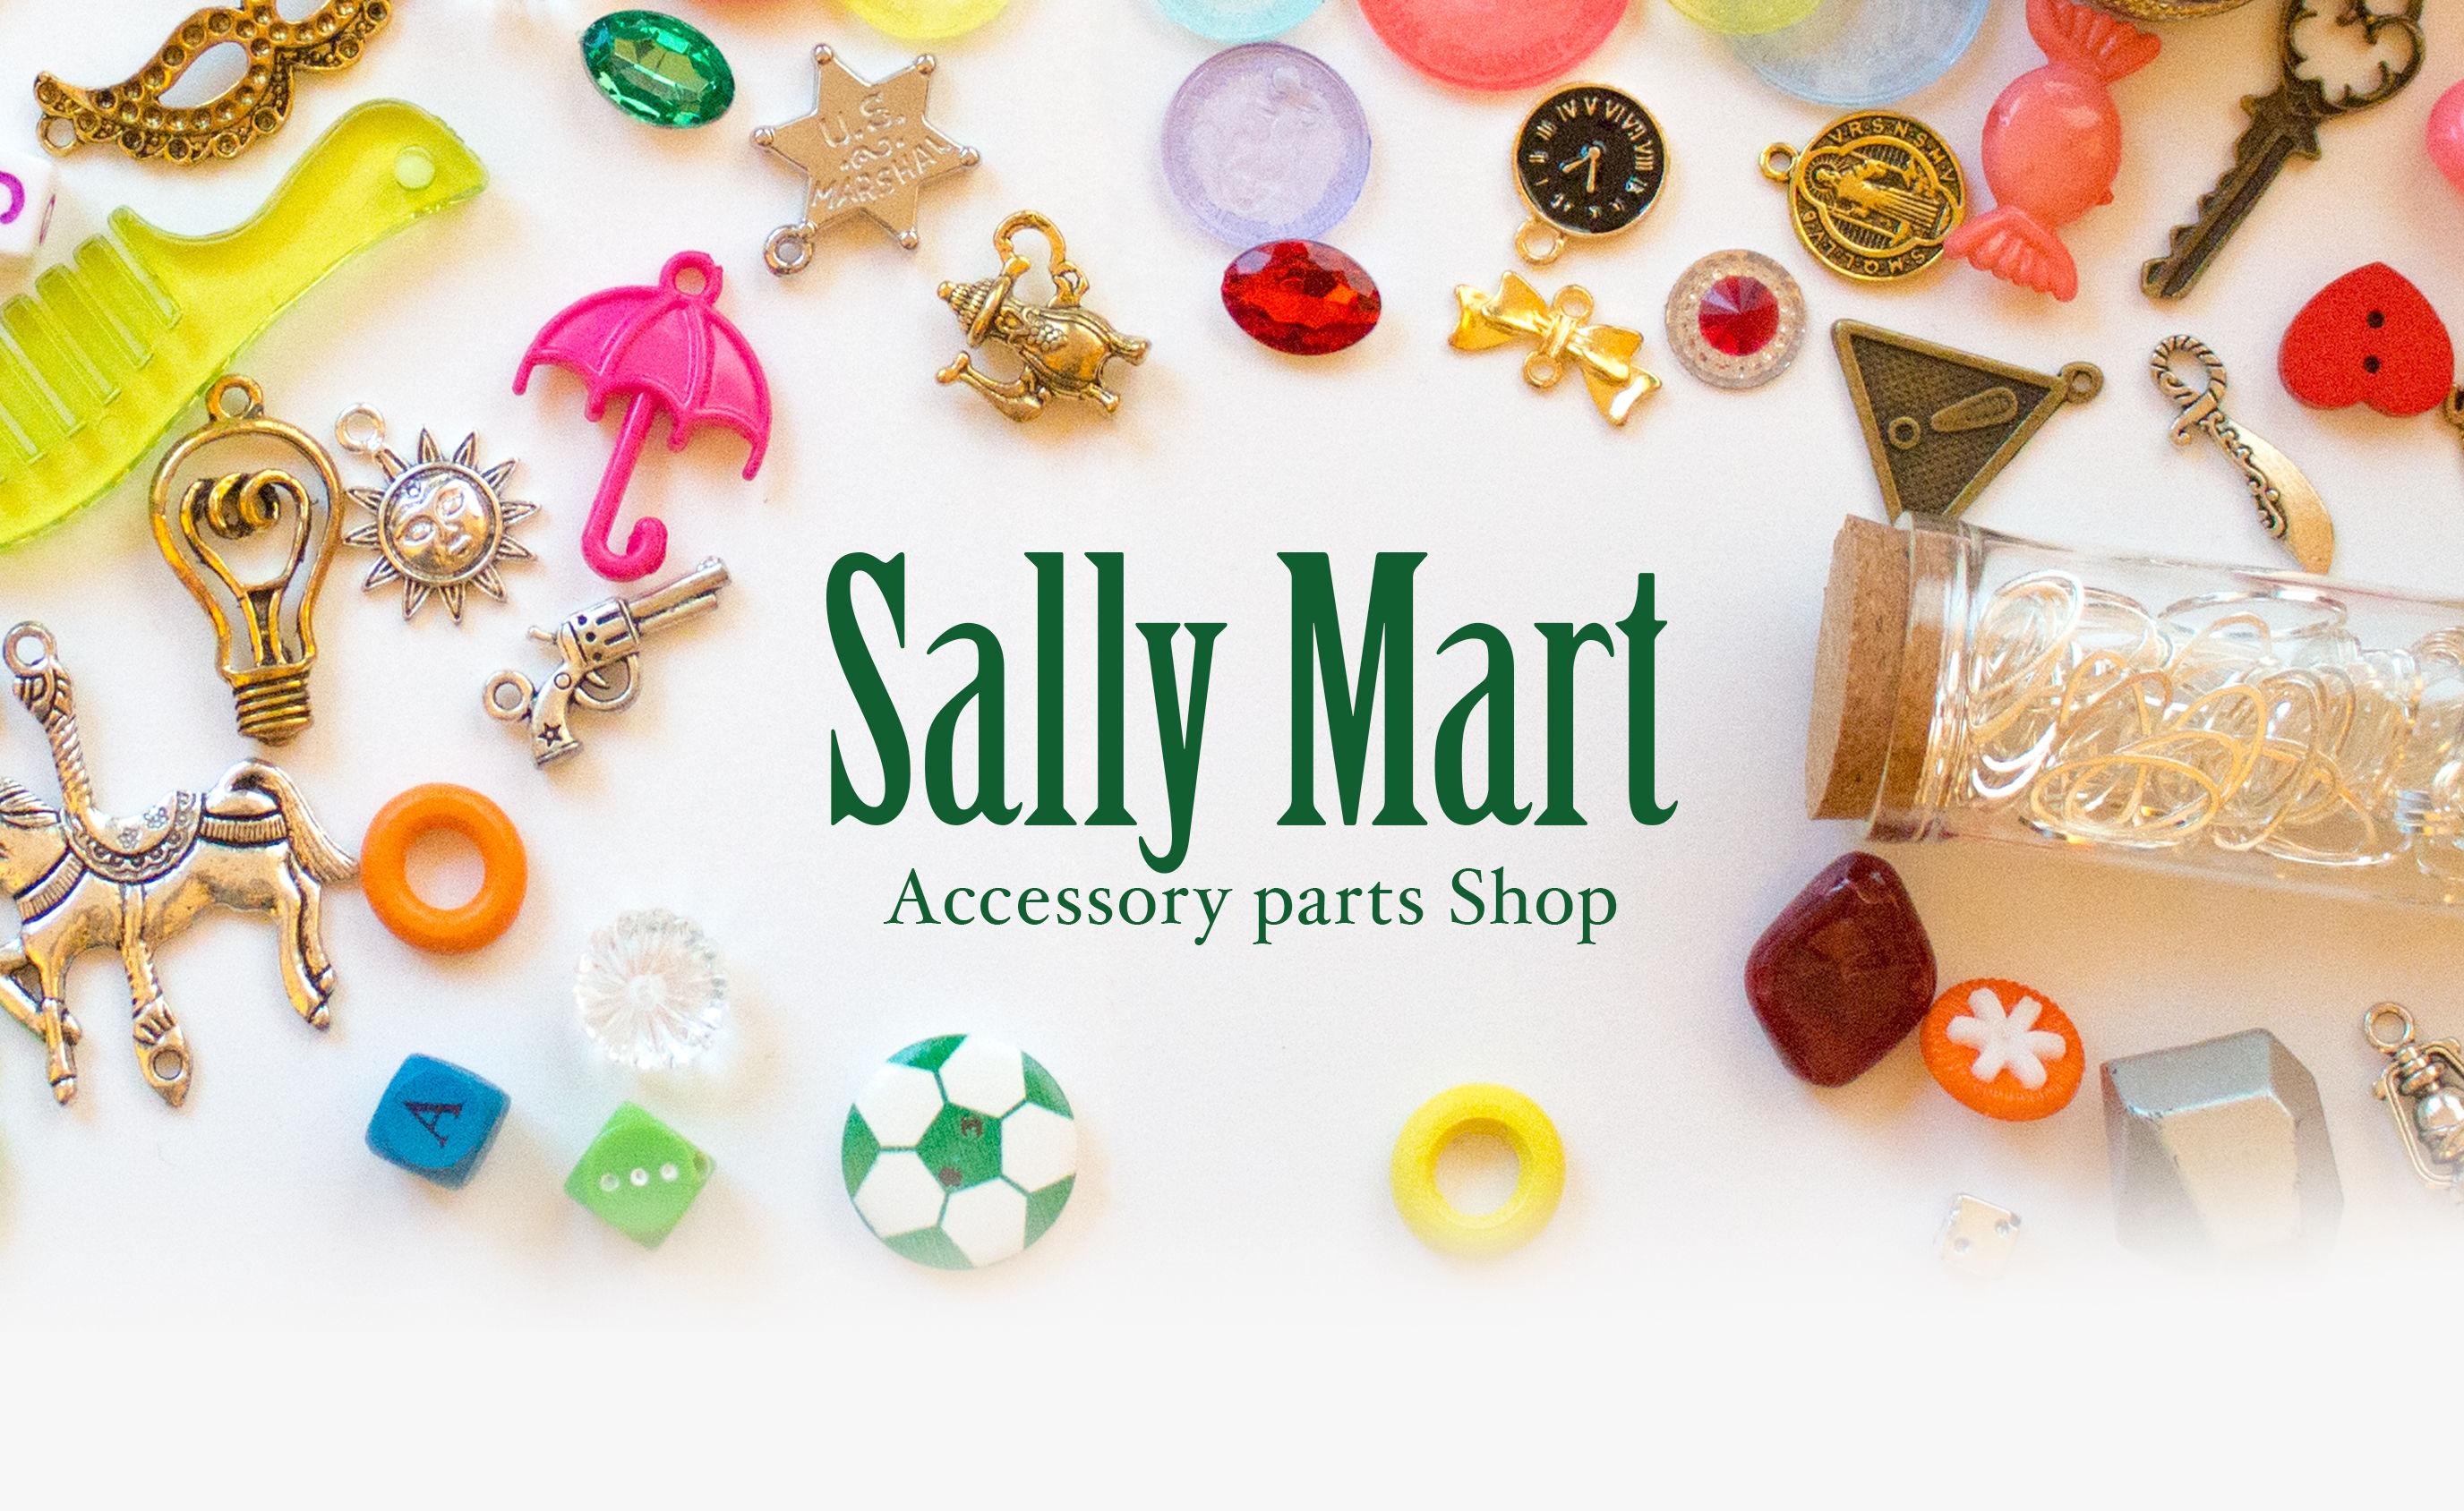 Sally Mart|アクセサリーパーツのお店